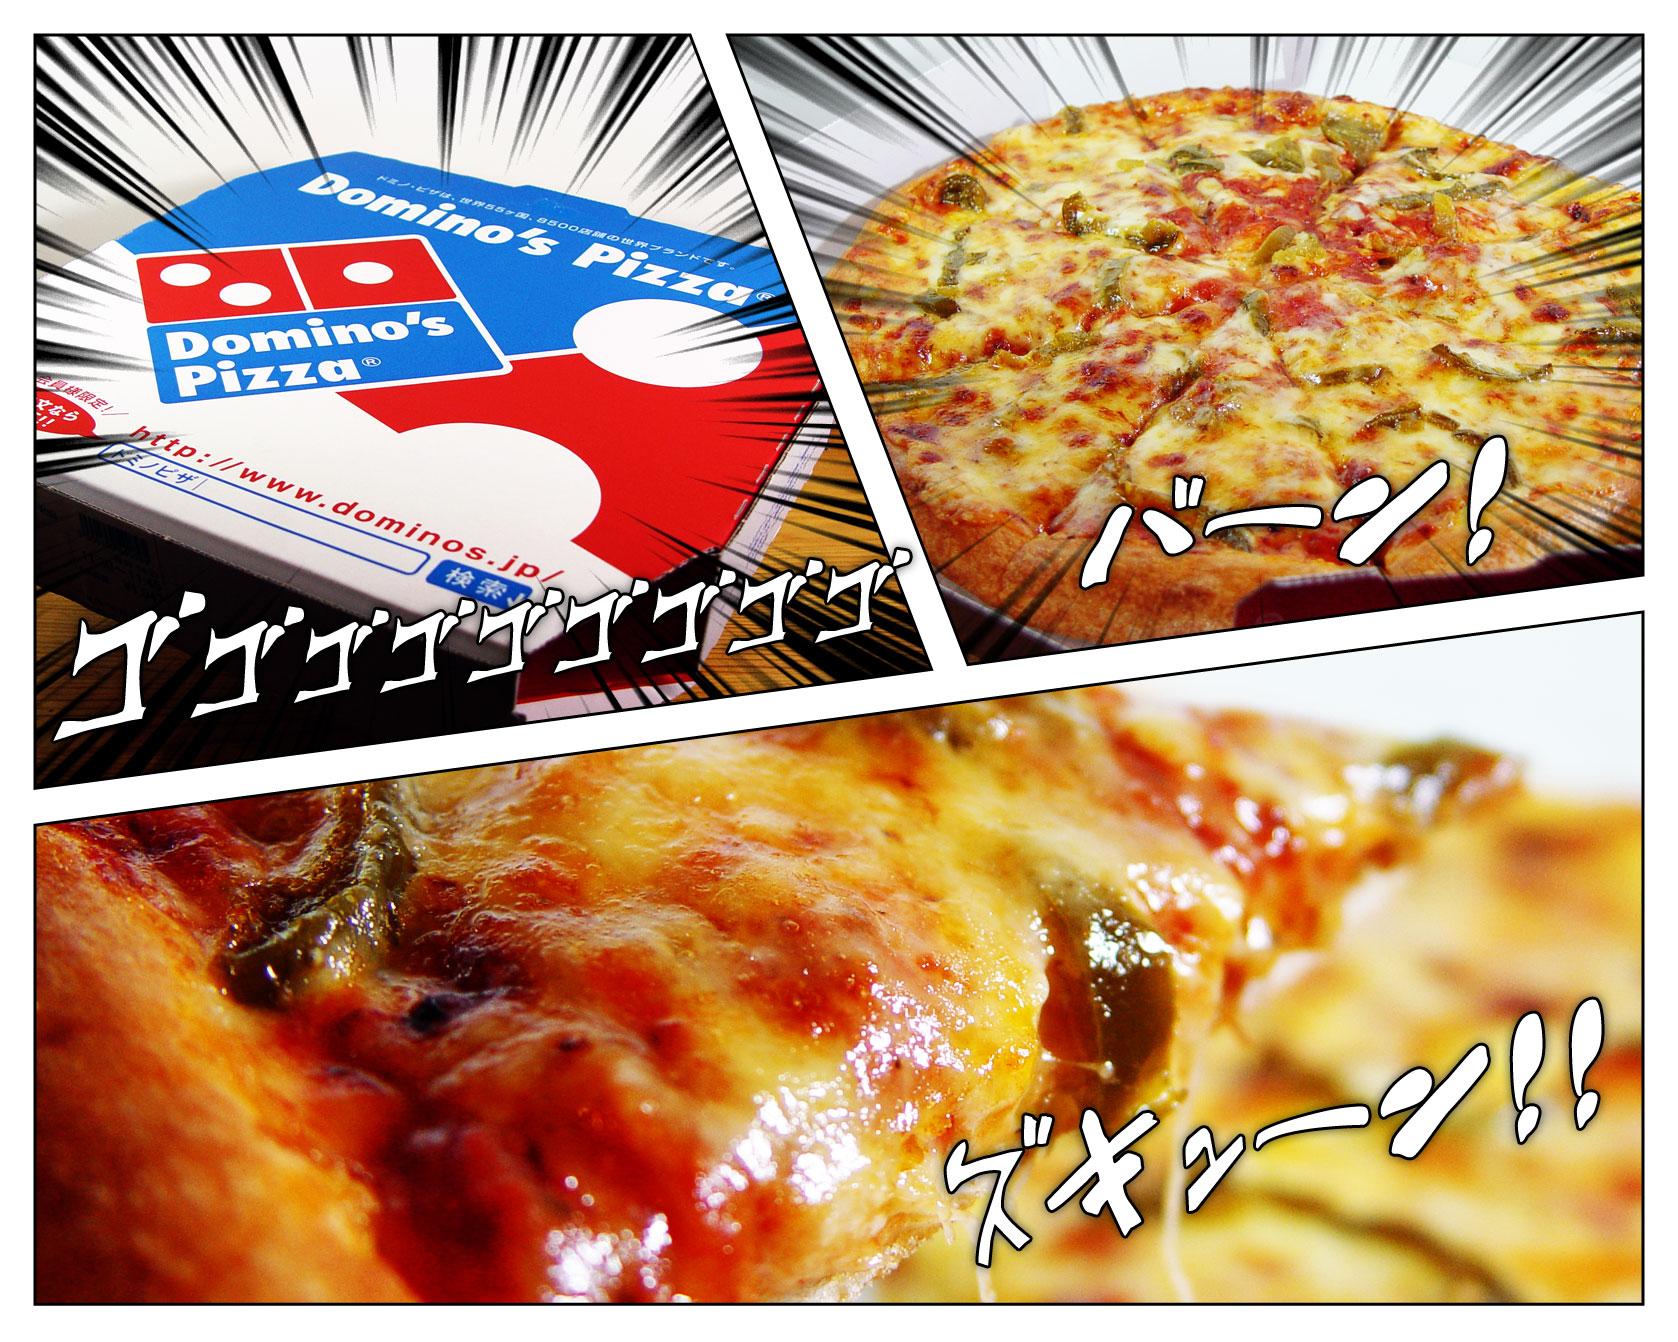 安くて美味しい宅配ピザ+ピザ写真素材 | 和田憲幸のブログ